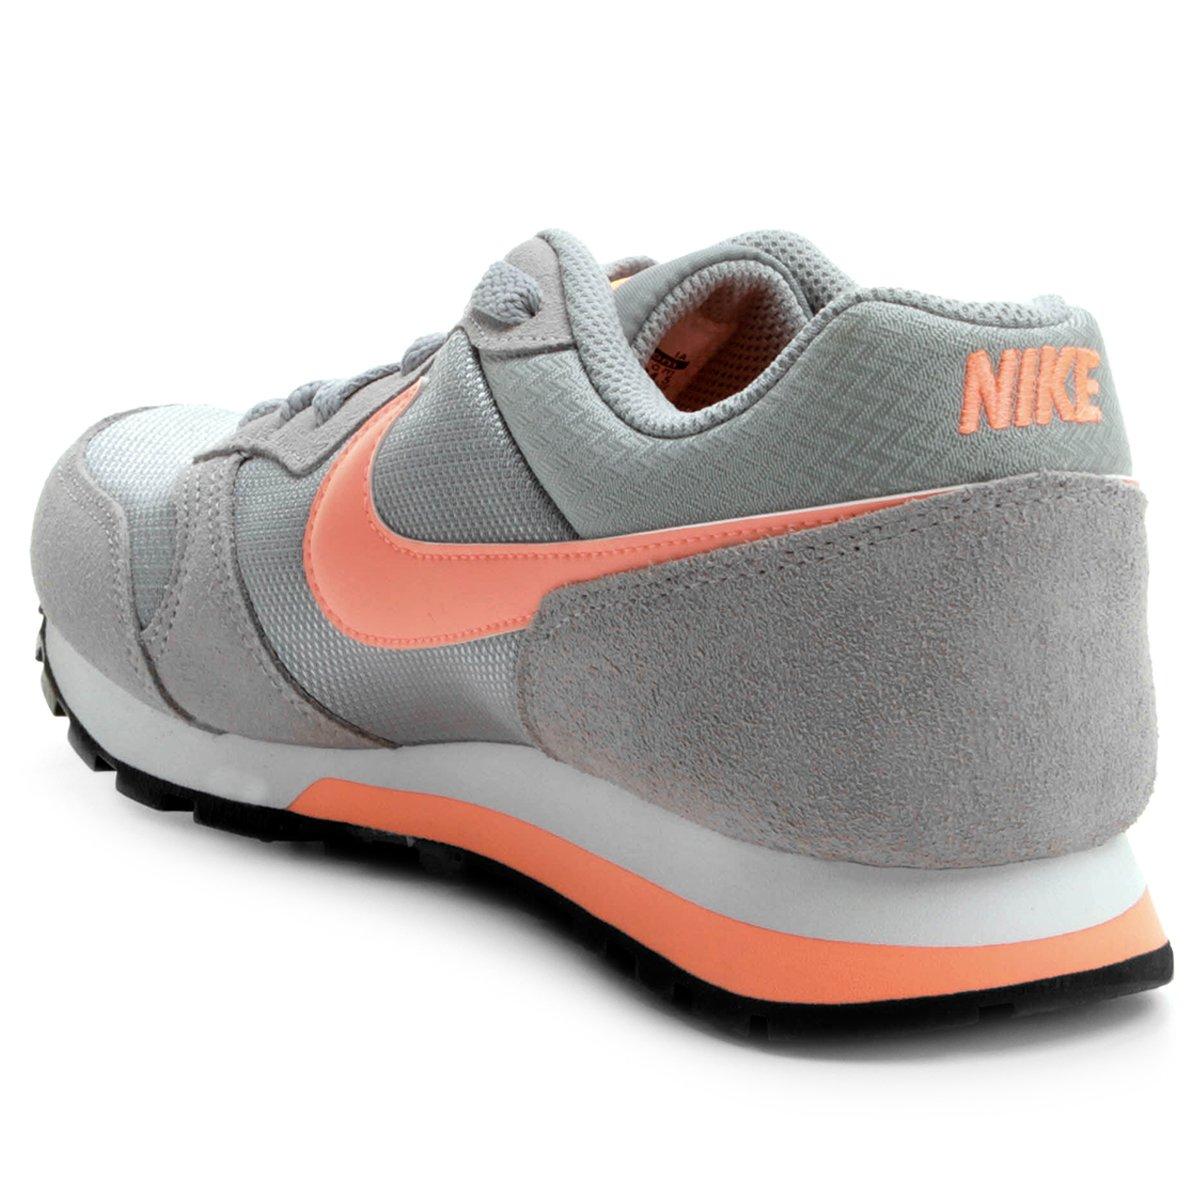 Tênis Nike Md Runner 2 Feminino - Cinza e Salmão - Compre Agora ... 23b0073e45072